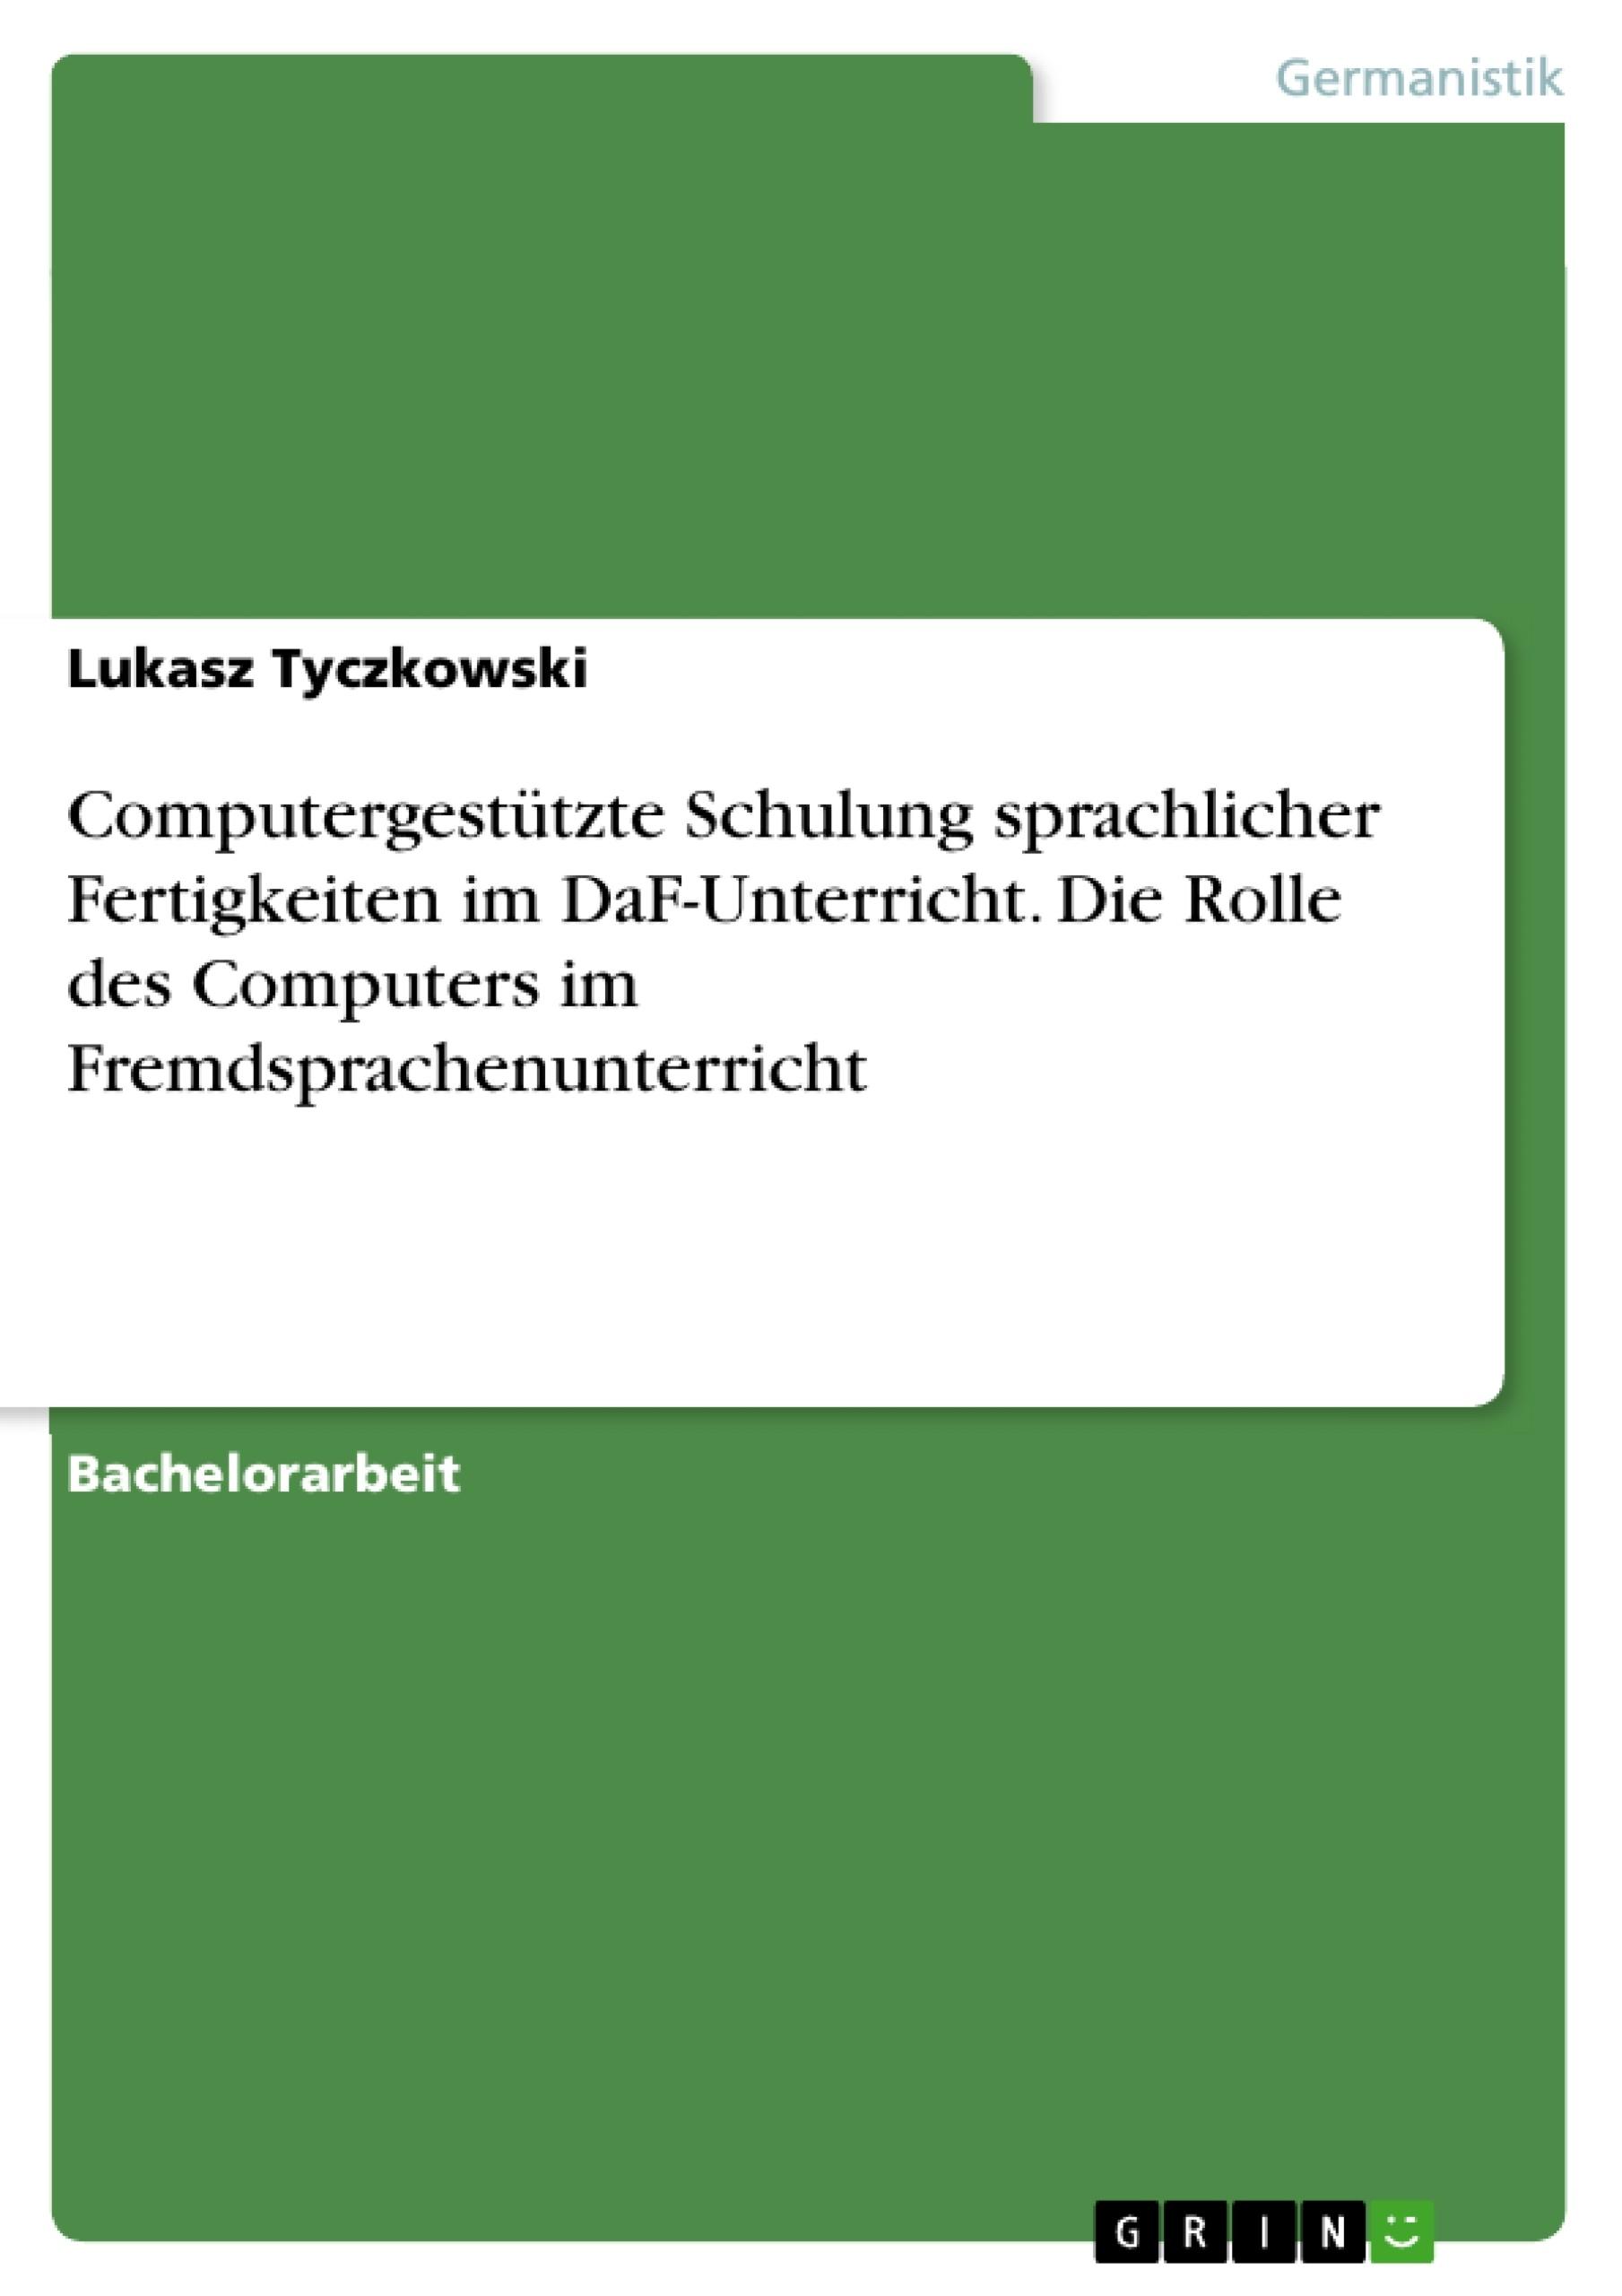 Titel: Computergestützte Schulung sprachlicher Fertigkeiten im DaF-Unterricht. Die Rolle des Computers im Fremdsprachenunterricht